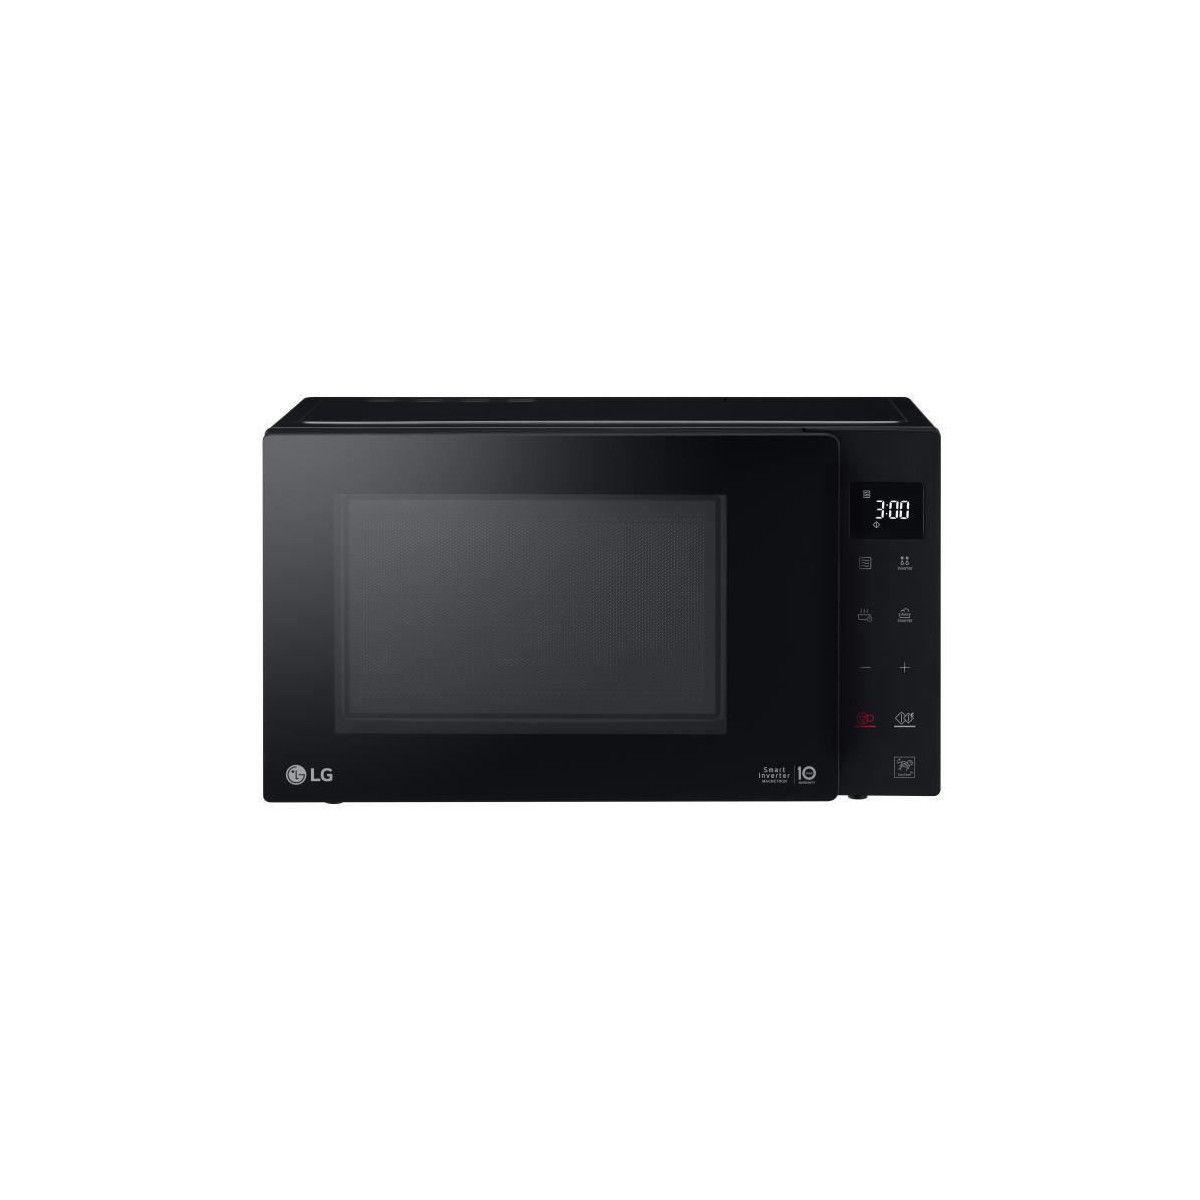 LG Lg Ms3235gib Micro-ondes Monofonction Noir - 32 L - 1200w - Pose Libre